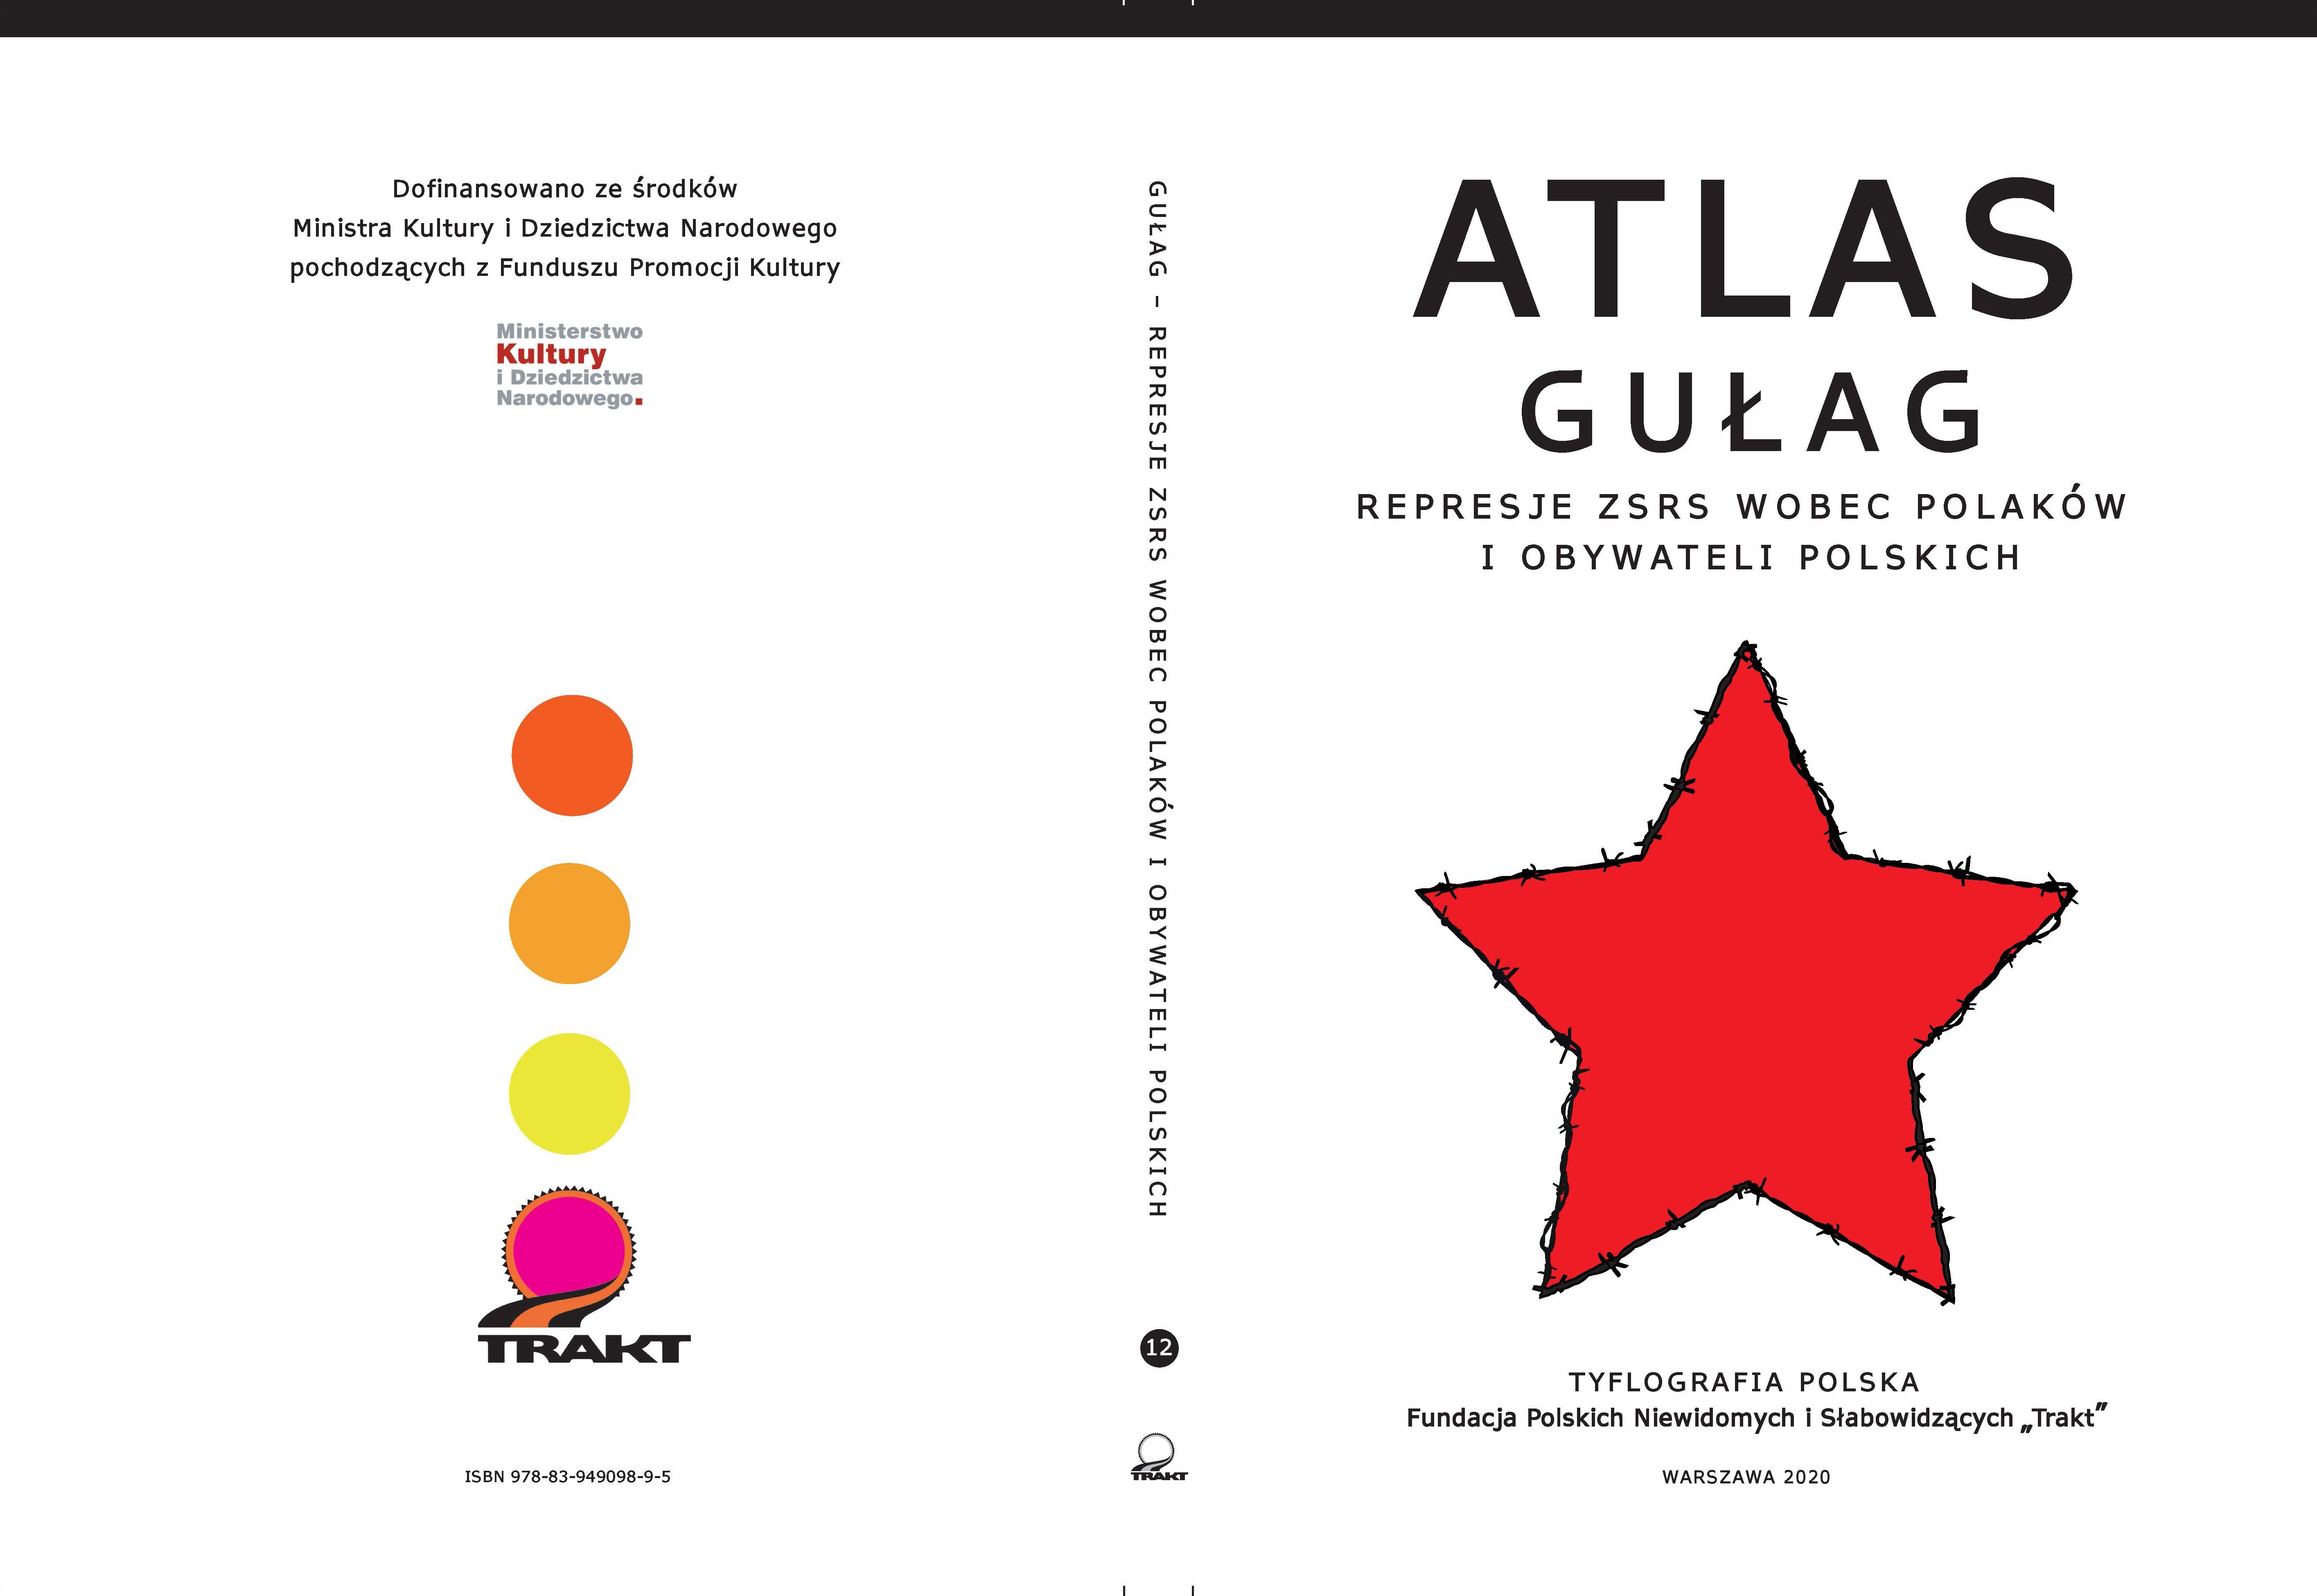 Okładka Atlasu